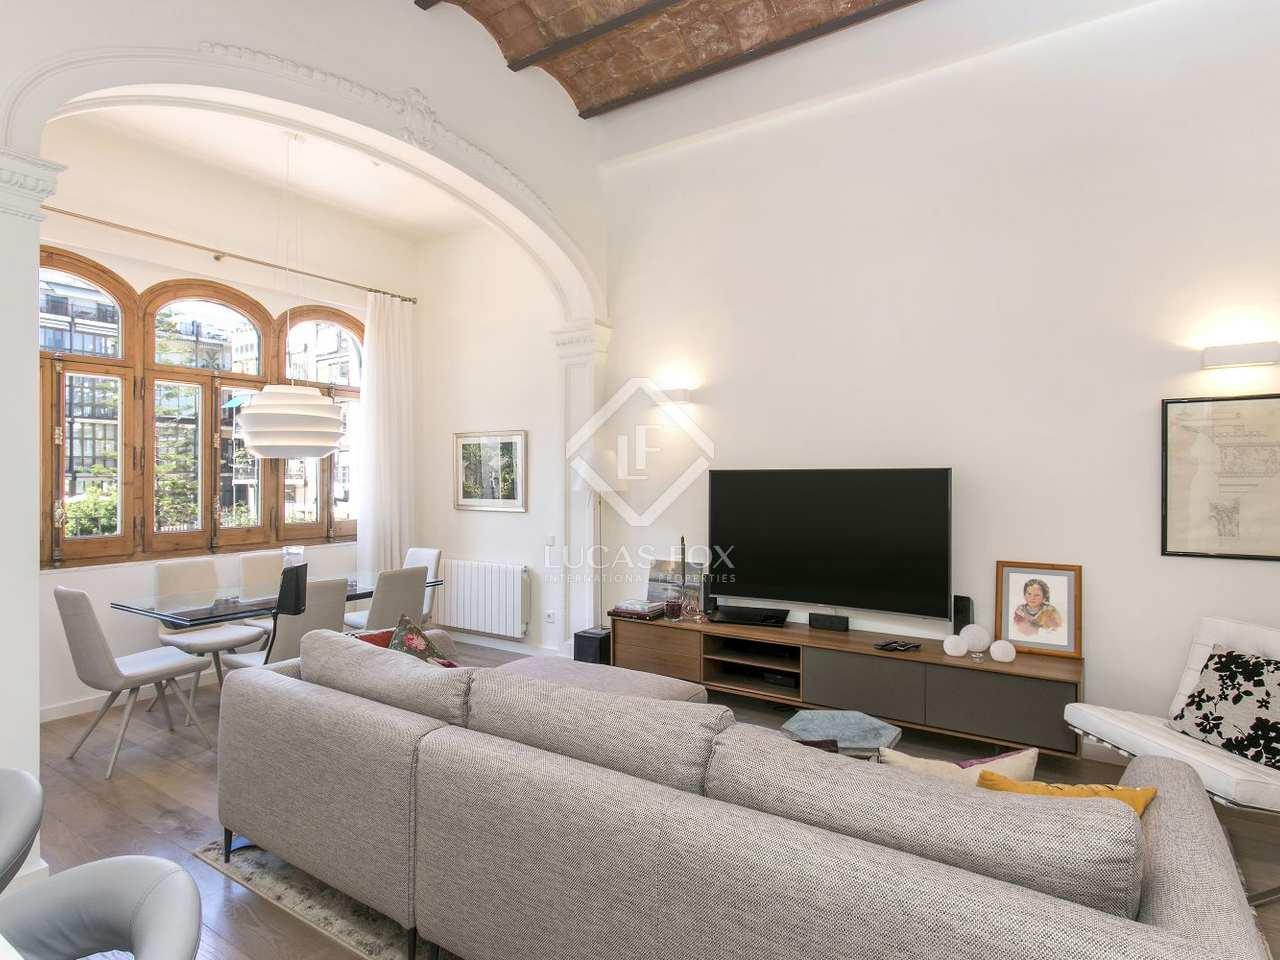 Apartamento renovado en venta en la calle casp barcelona - Calle casp barcelona ...